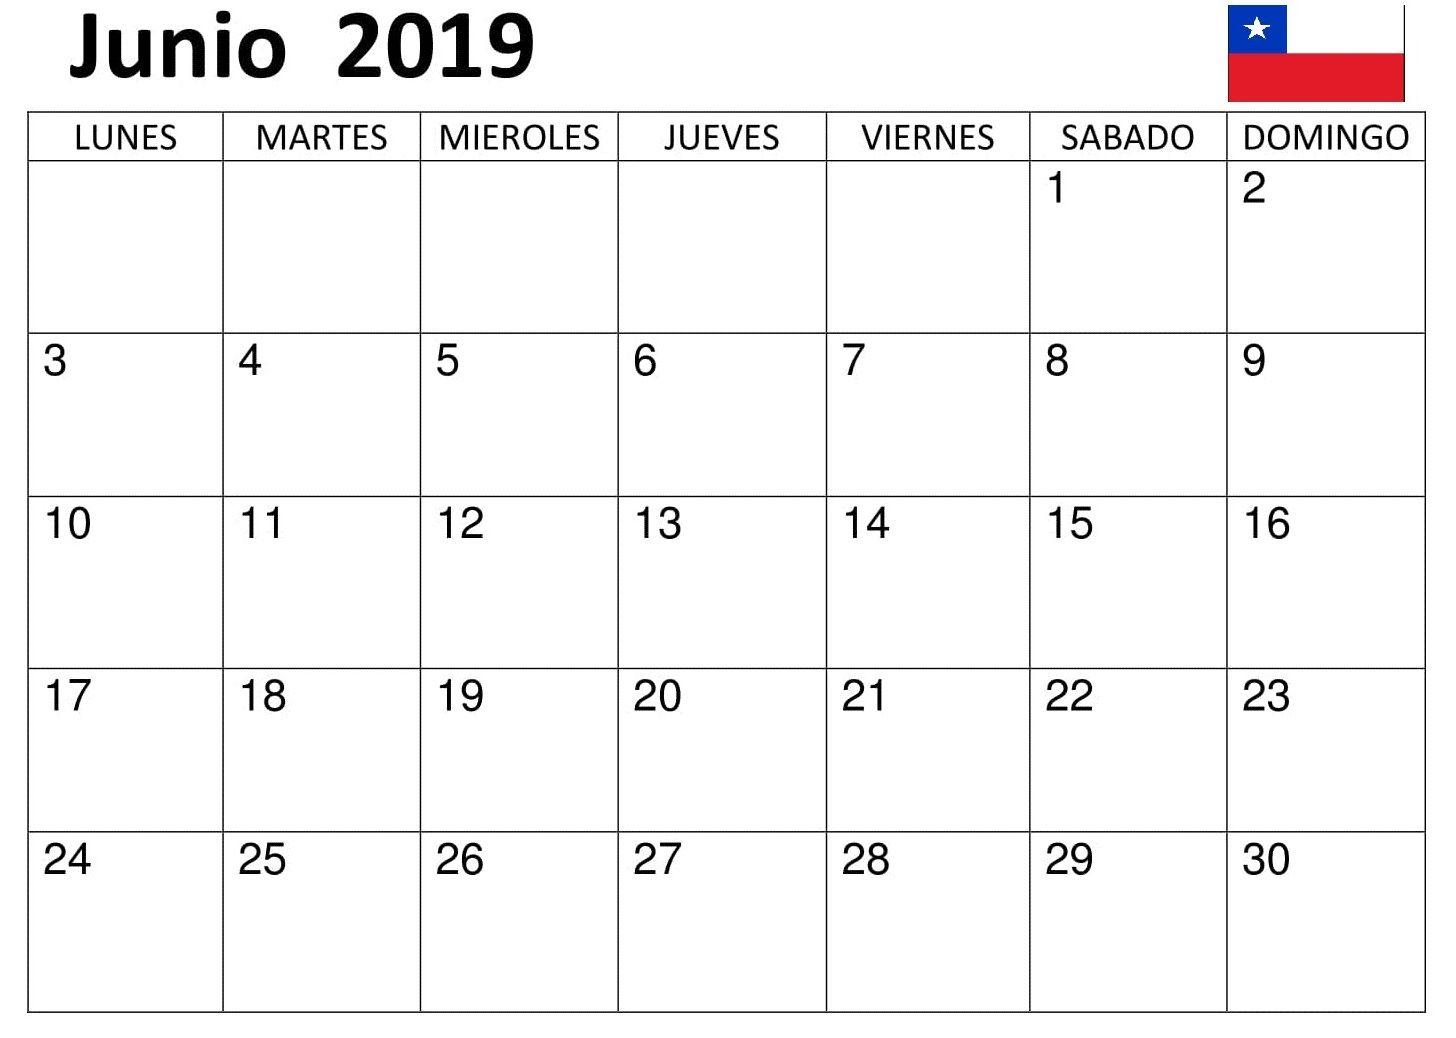 Calendario Mes Junio 2019.Top 10 Punto Medio Noticias Calendario Mes De Junio 2019 Chile